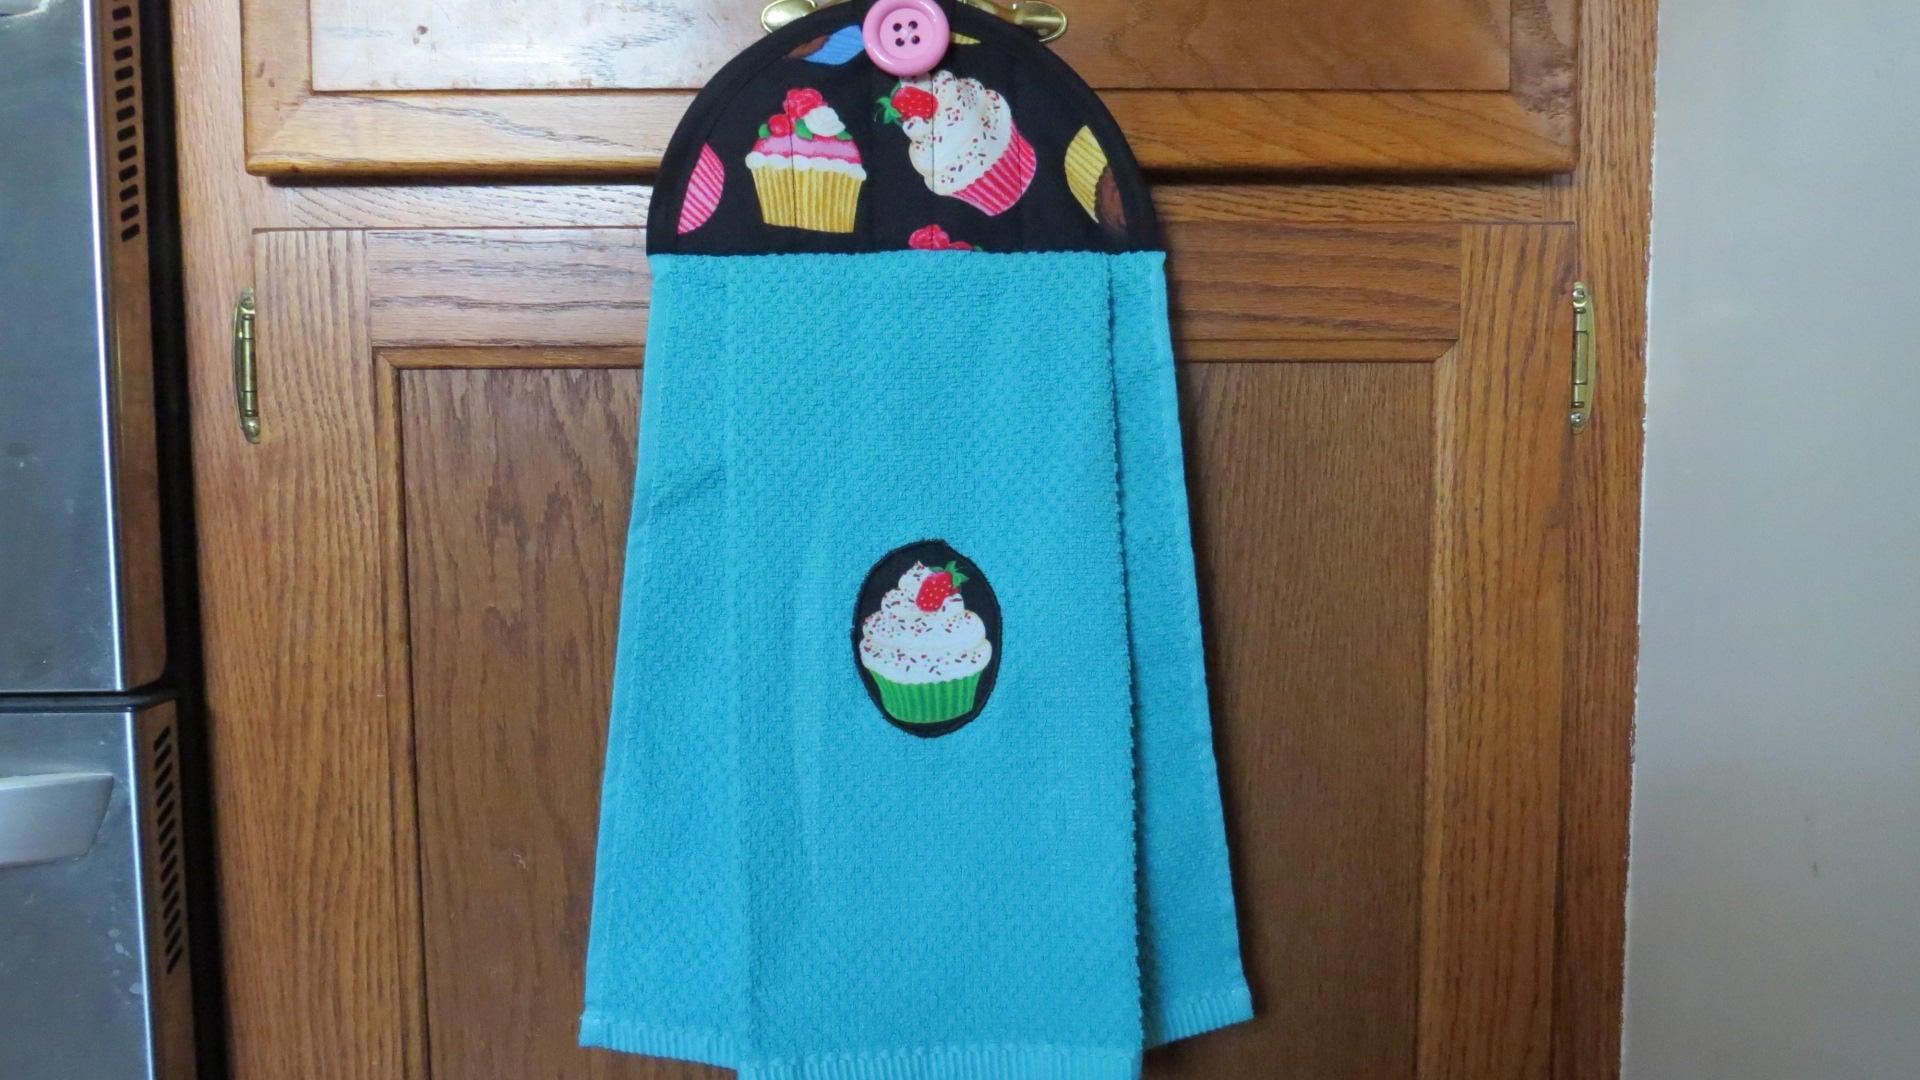 Hanging Kitchen Towel Cupcake Kitchen Towel Hanging Hand Towel